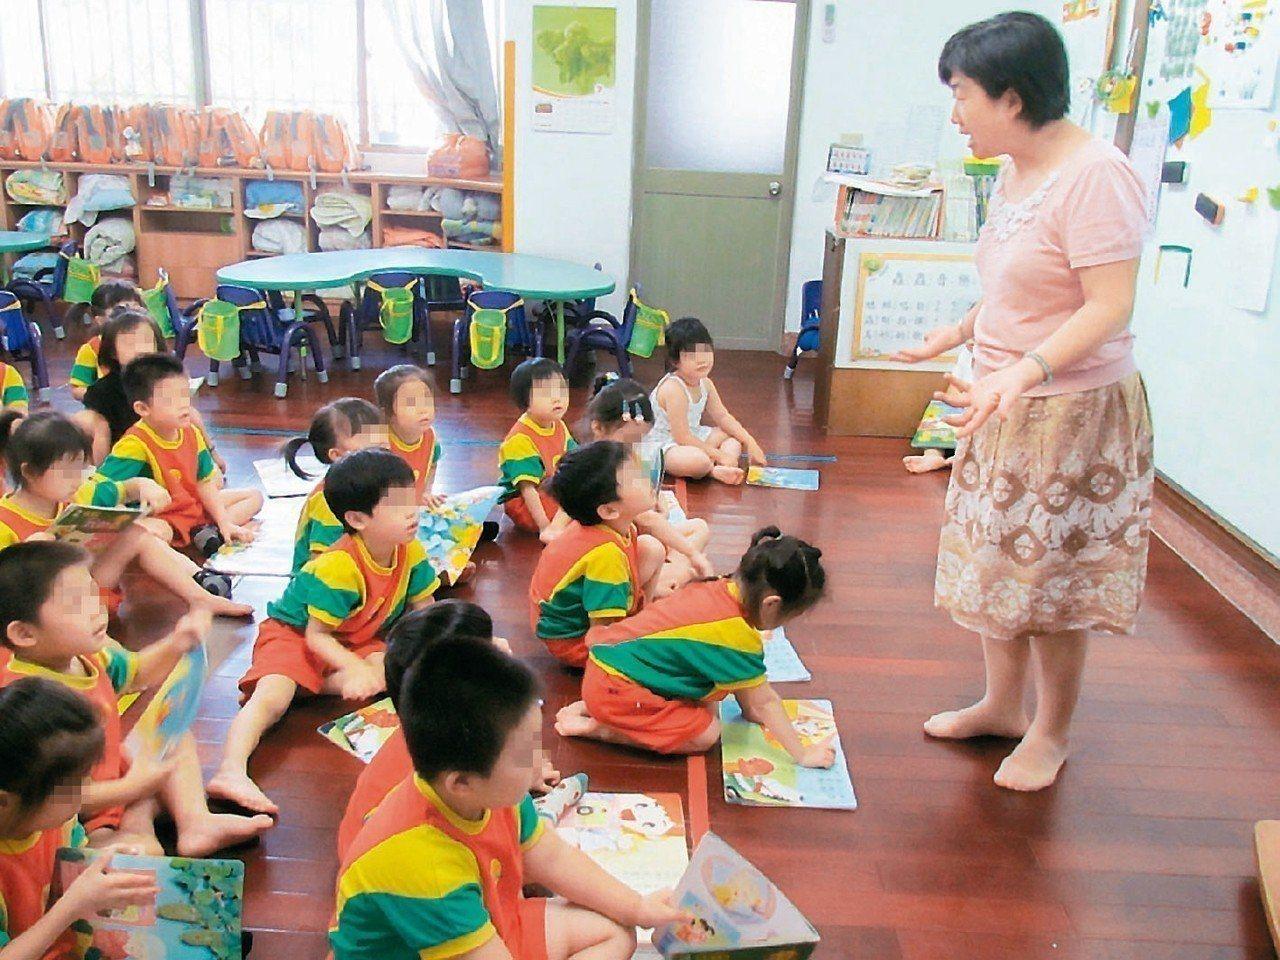 「準公共幼兒園」政策8月1日起全國實施。報系資料照